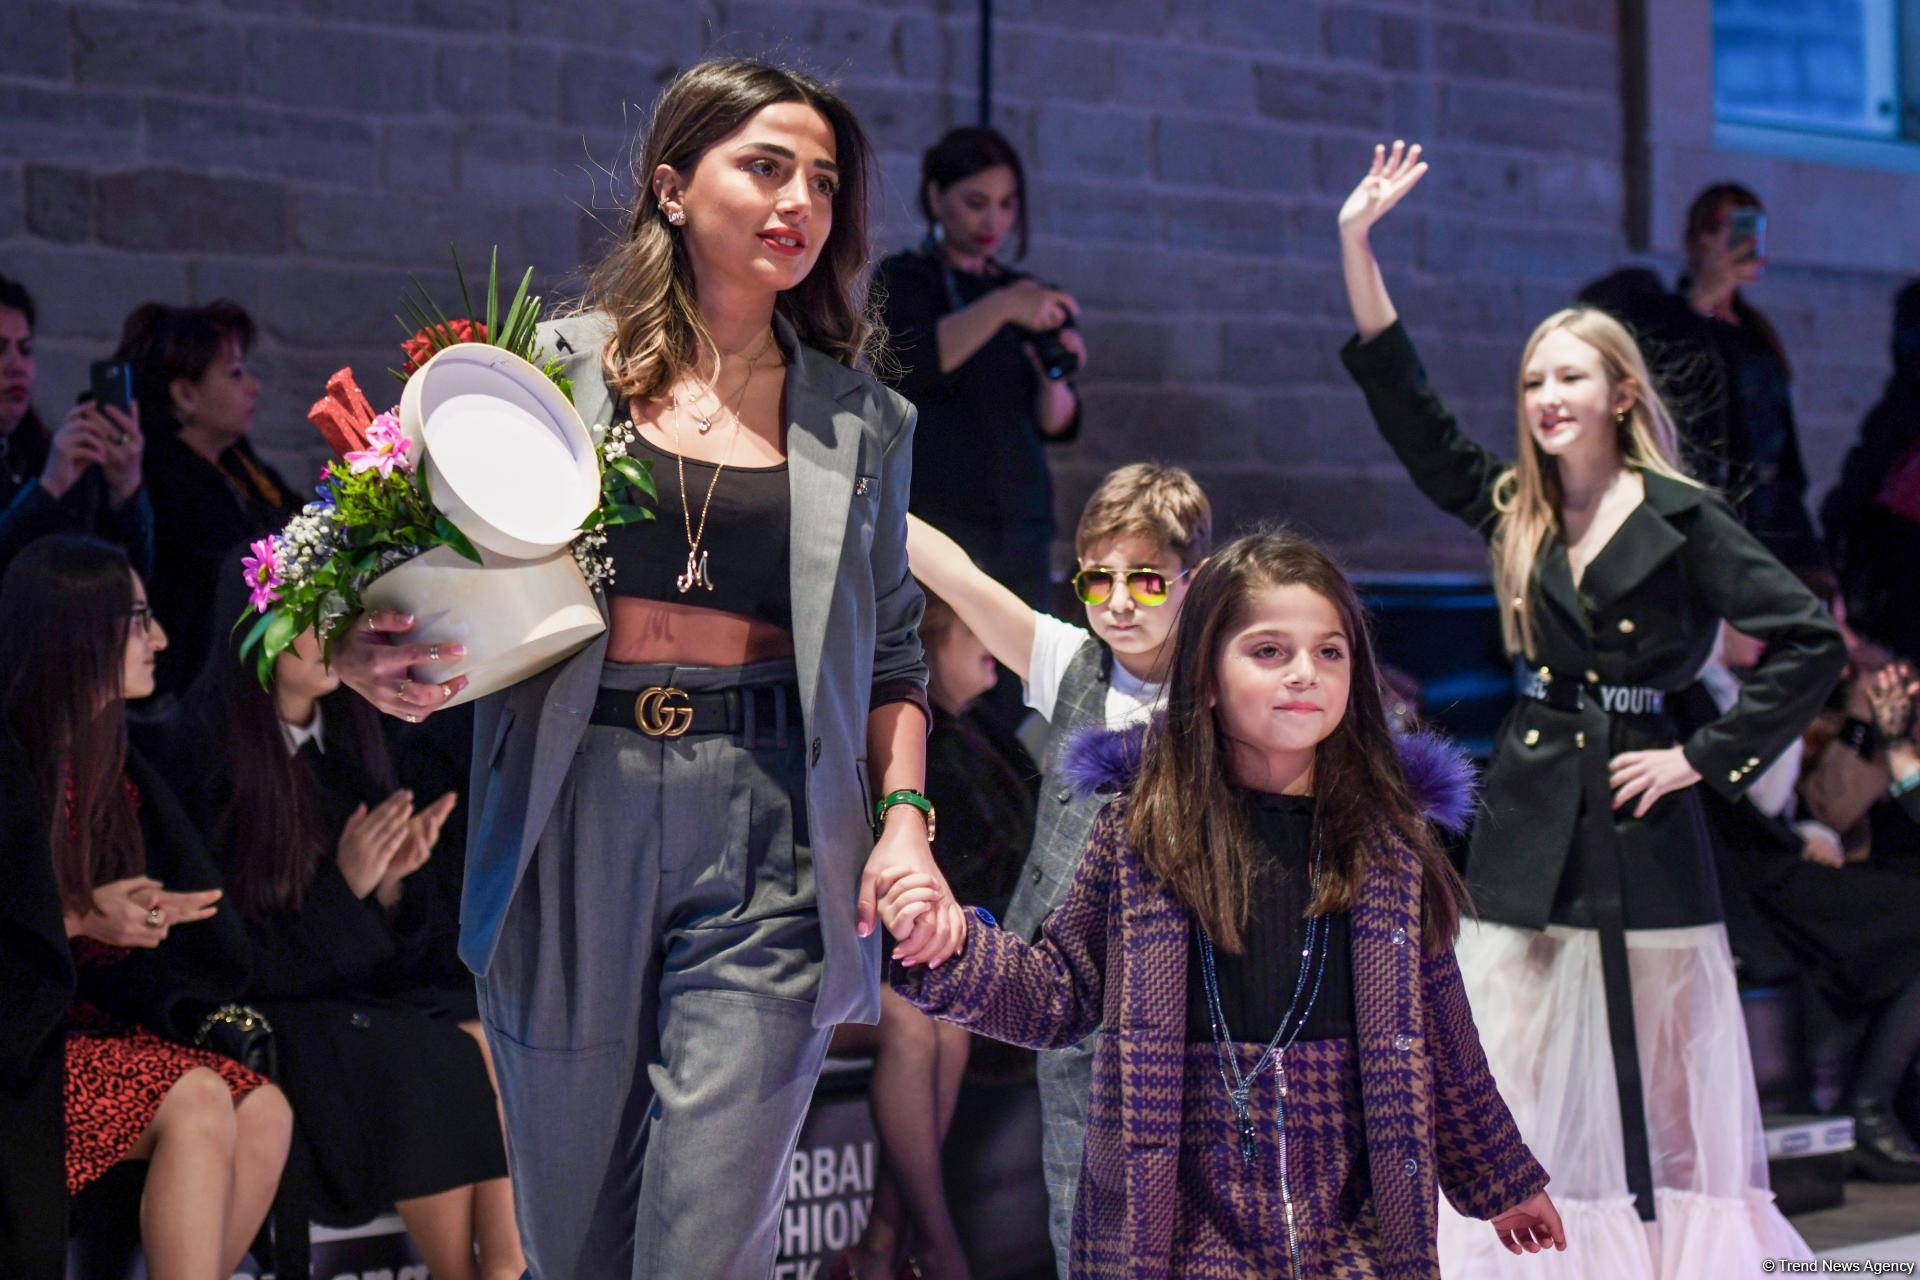 Королевская роскошь и богатые вечерние наряды  - второй день Azerbaijan Fashion Week (ФОТО)